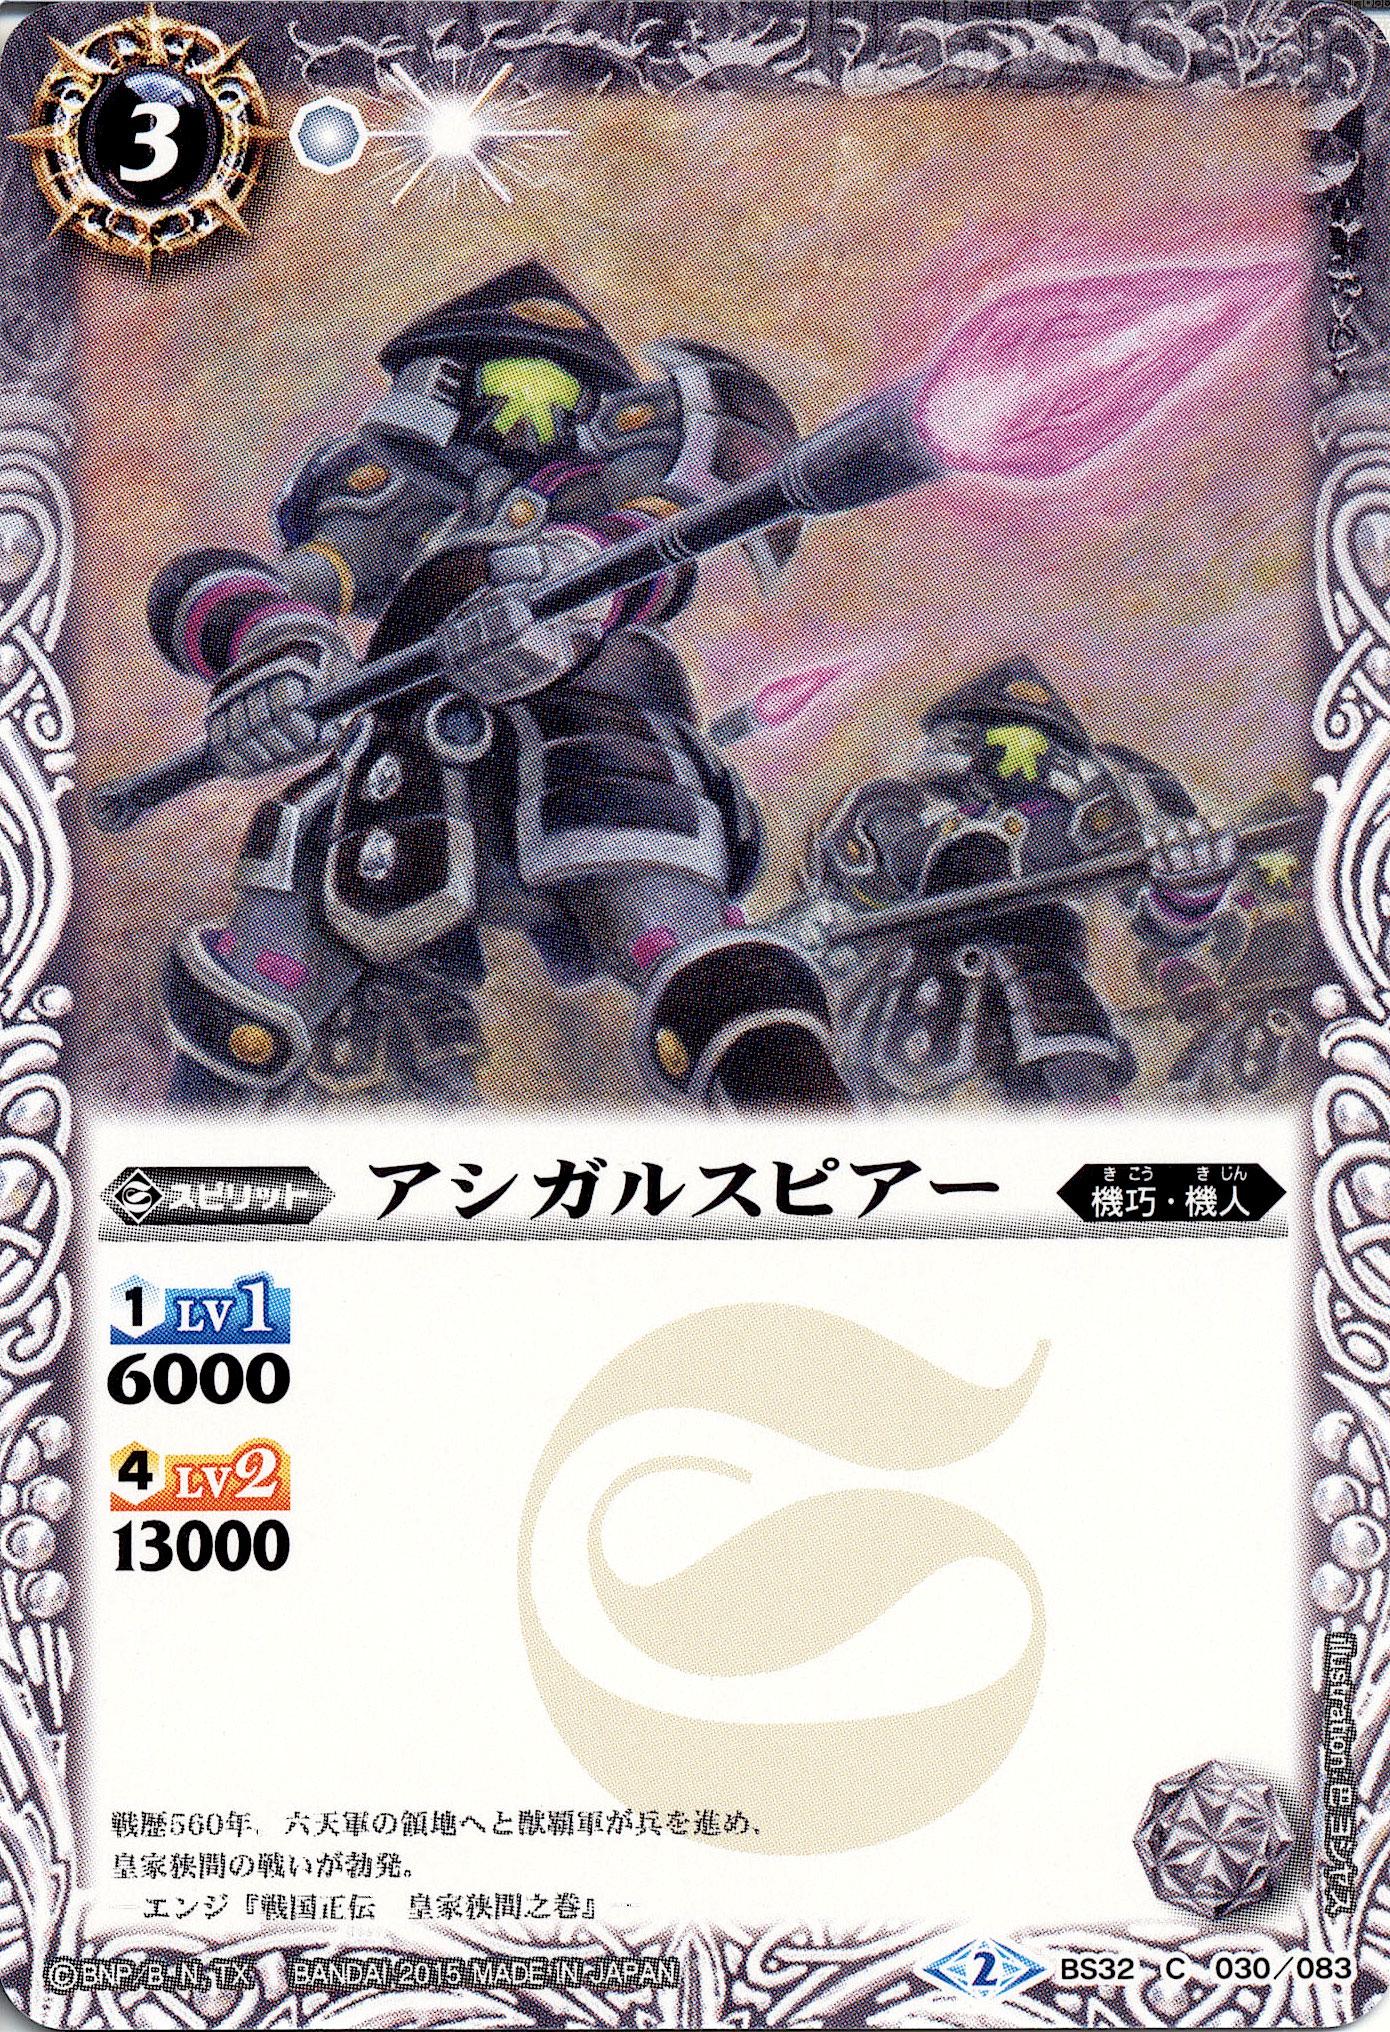 Ashigaru Spear